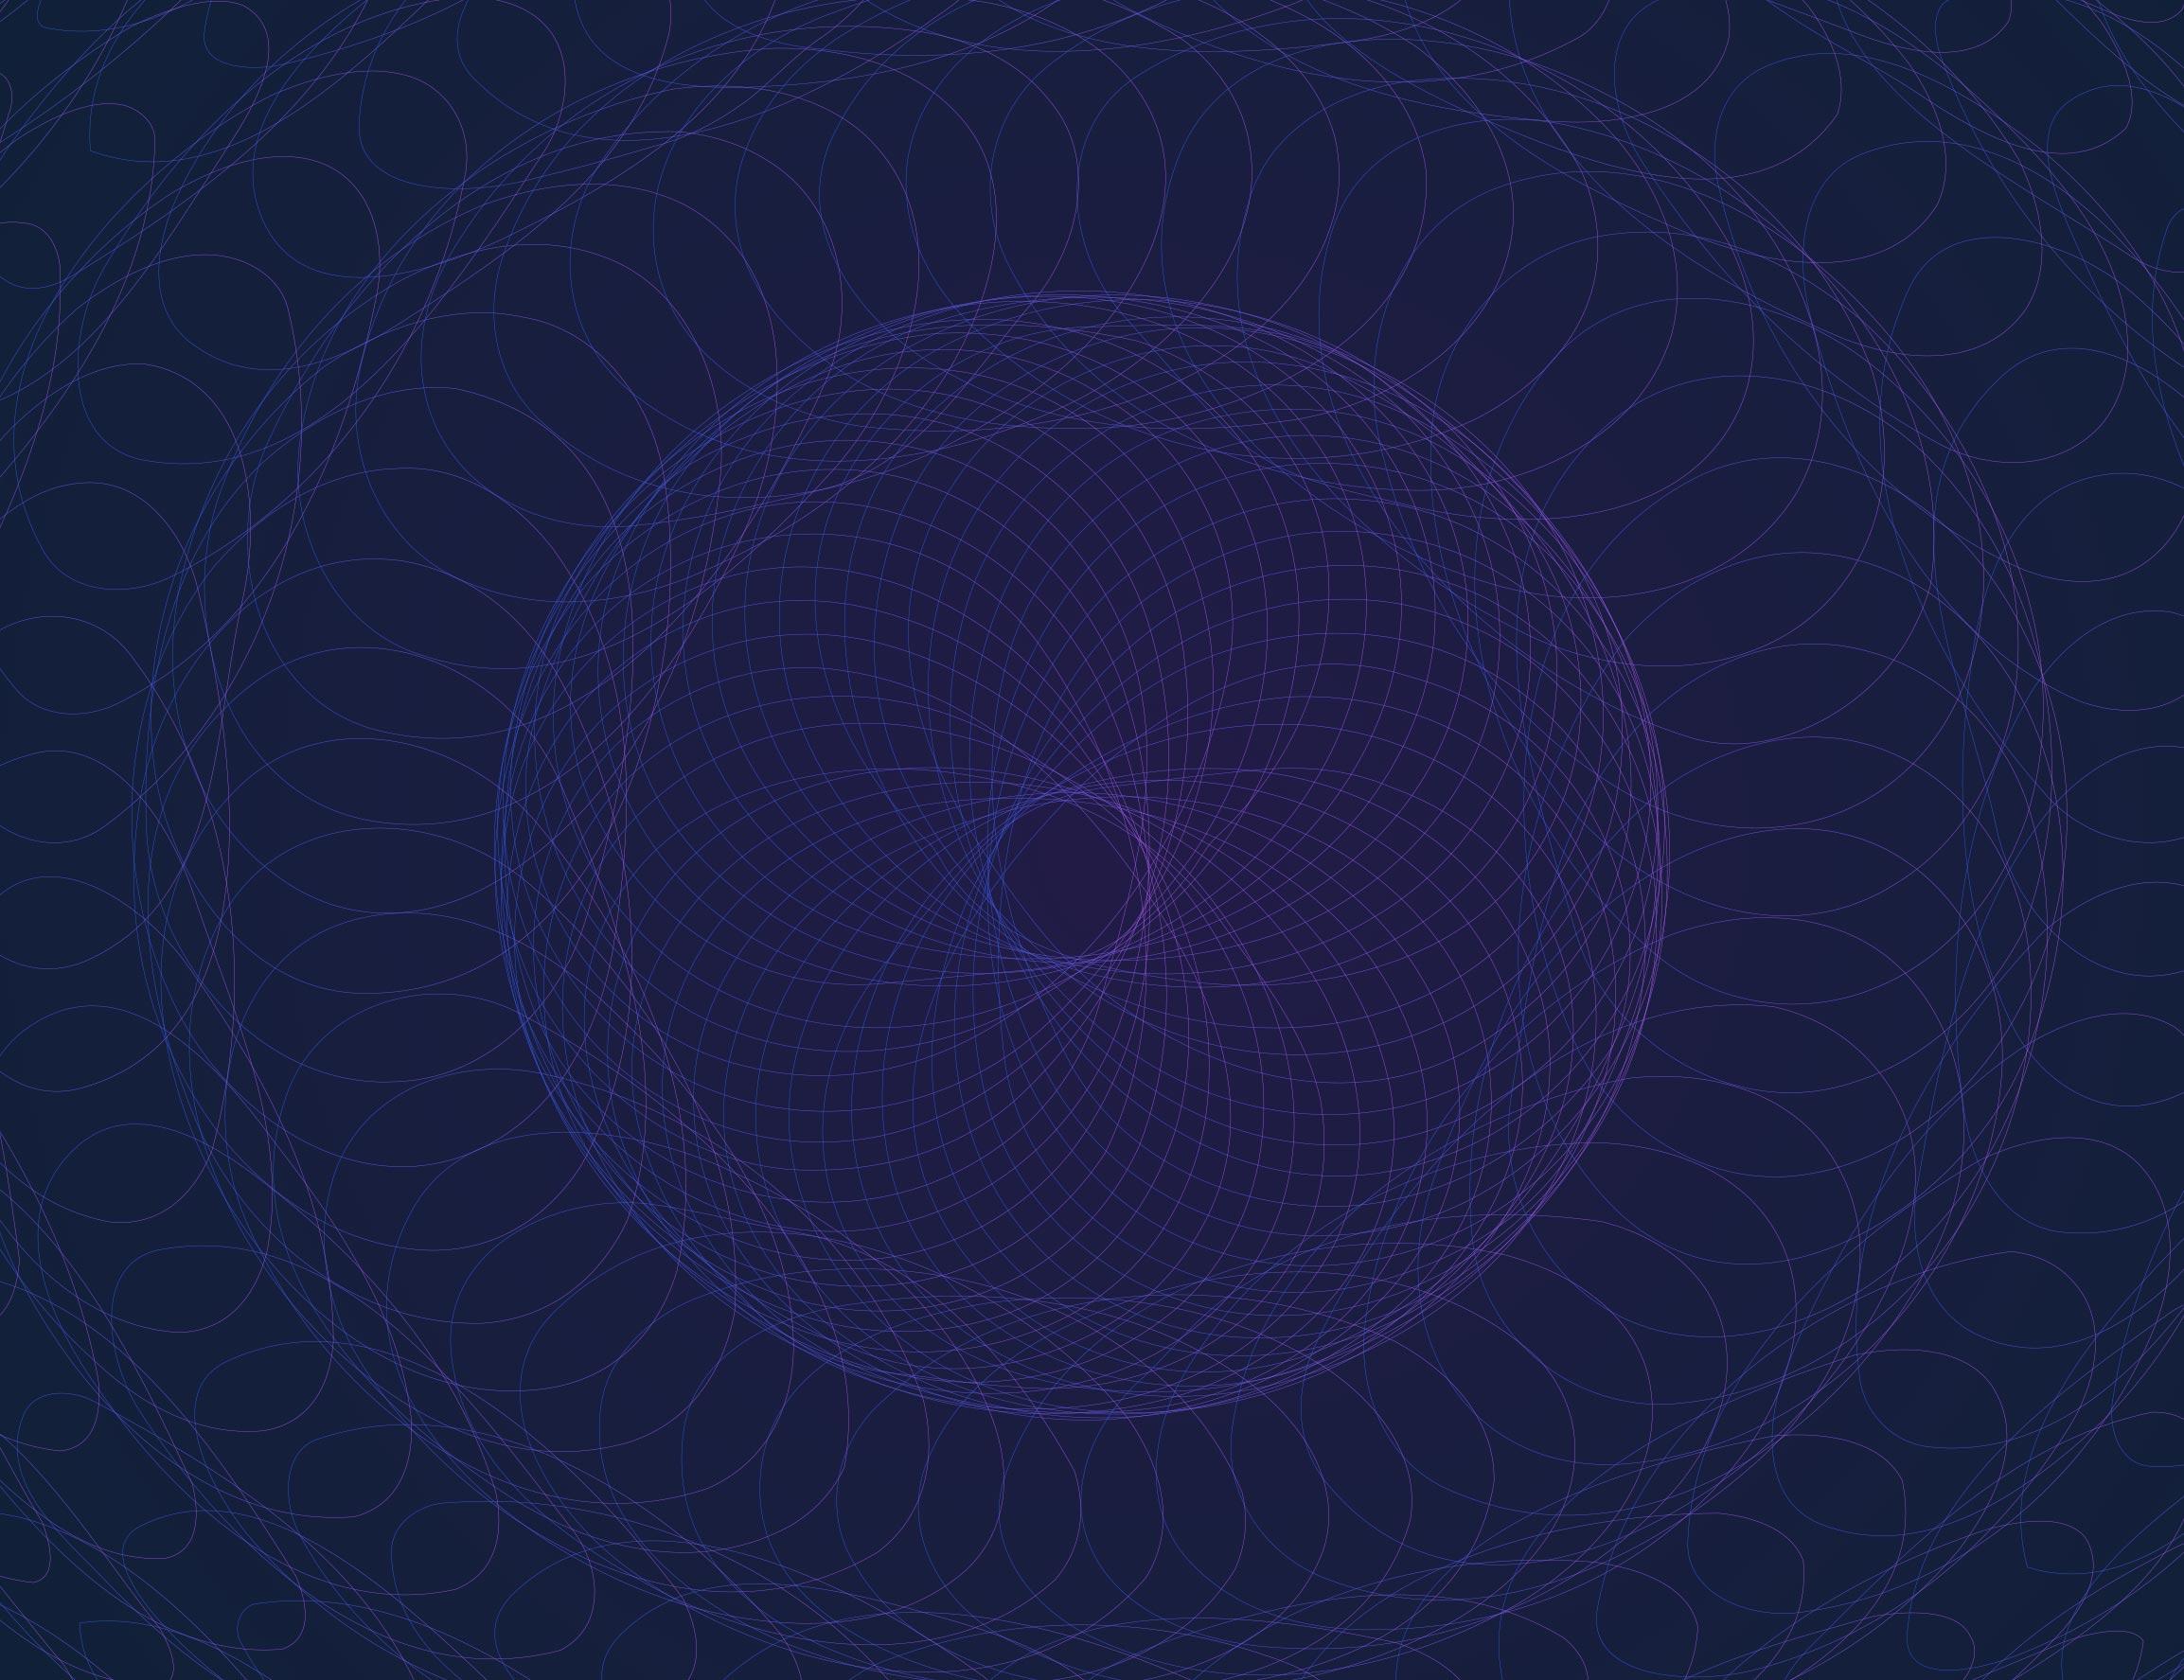 Original Art by Condensed - Vector Illustration for Elemental - frame 1